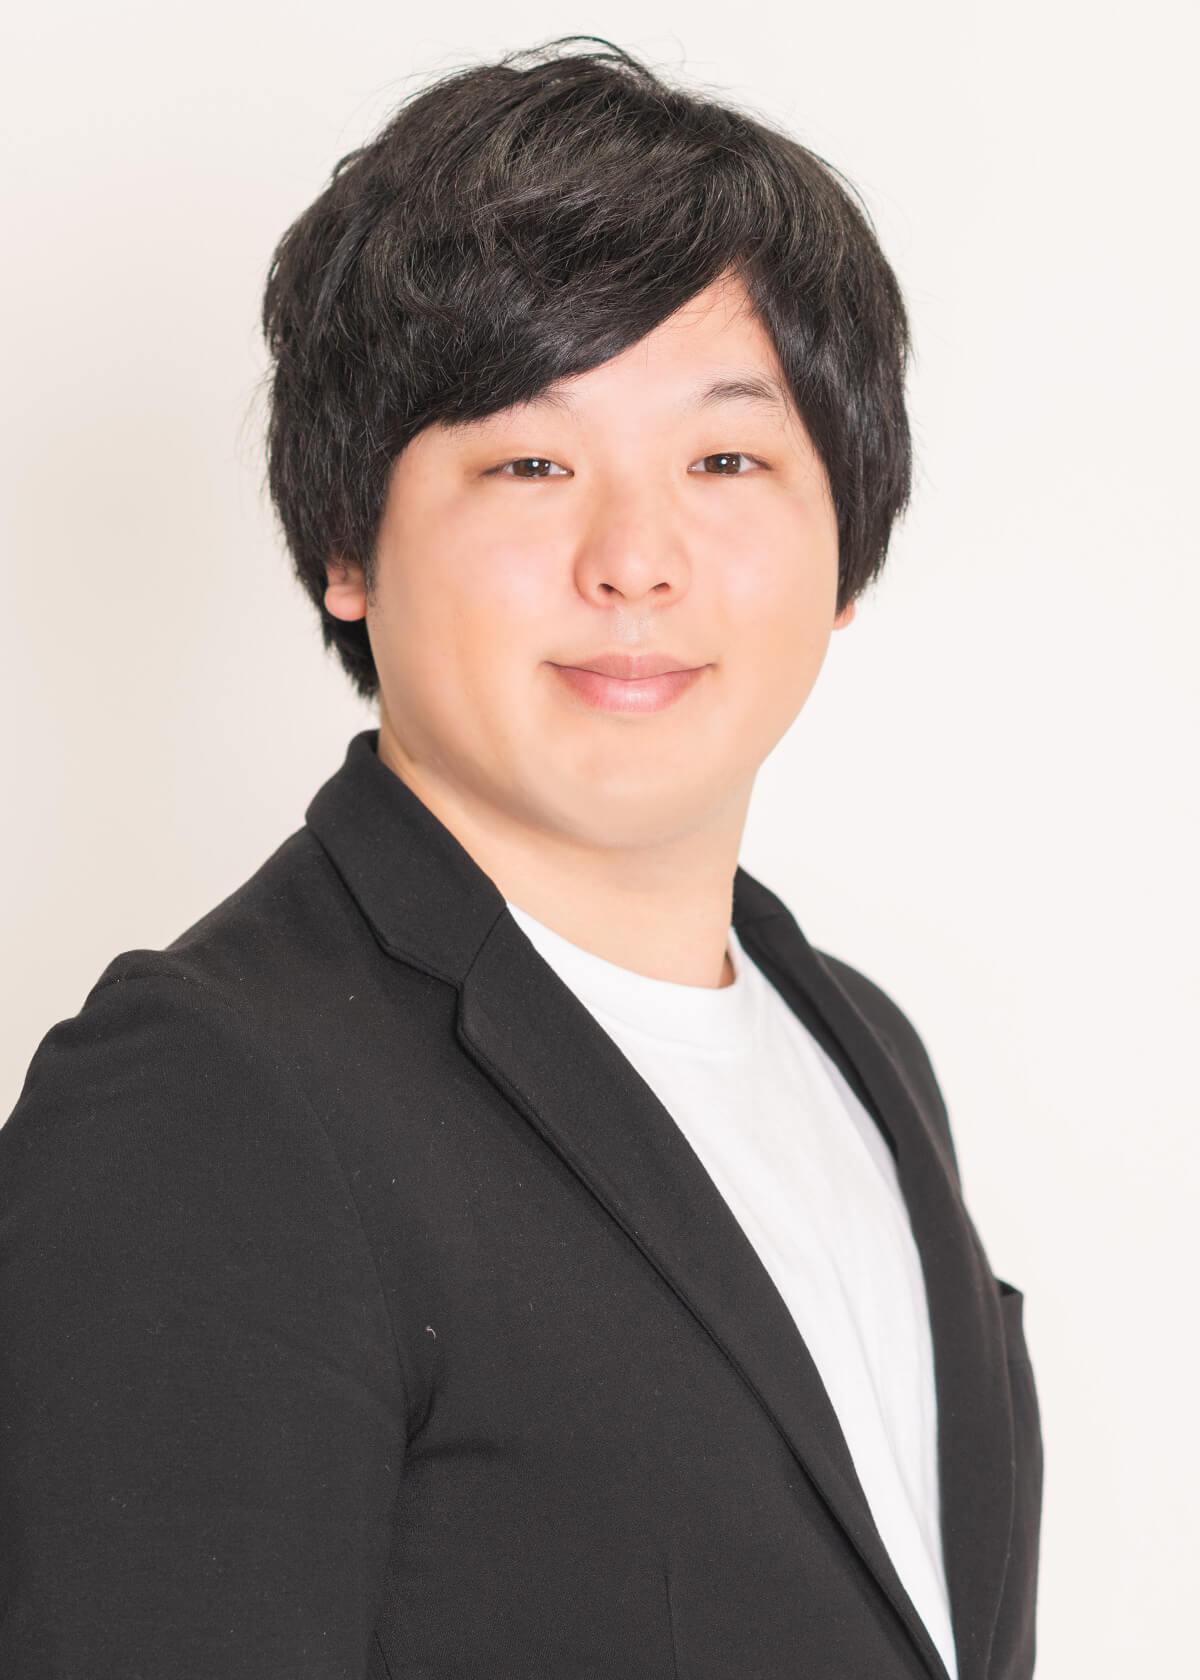 町田 隆太郎